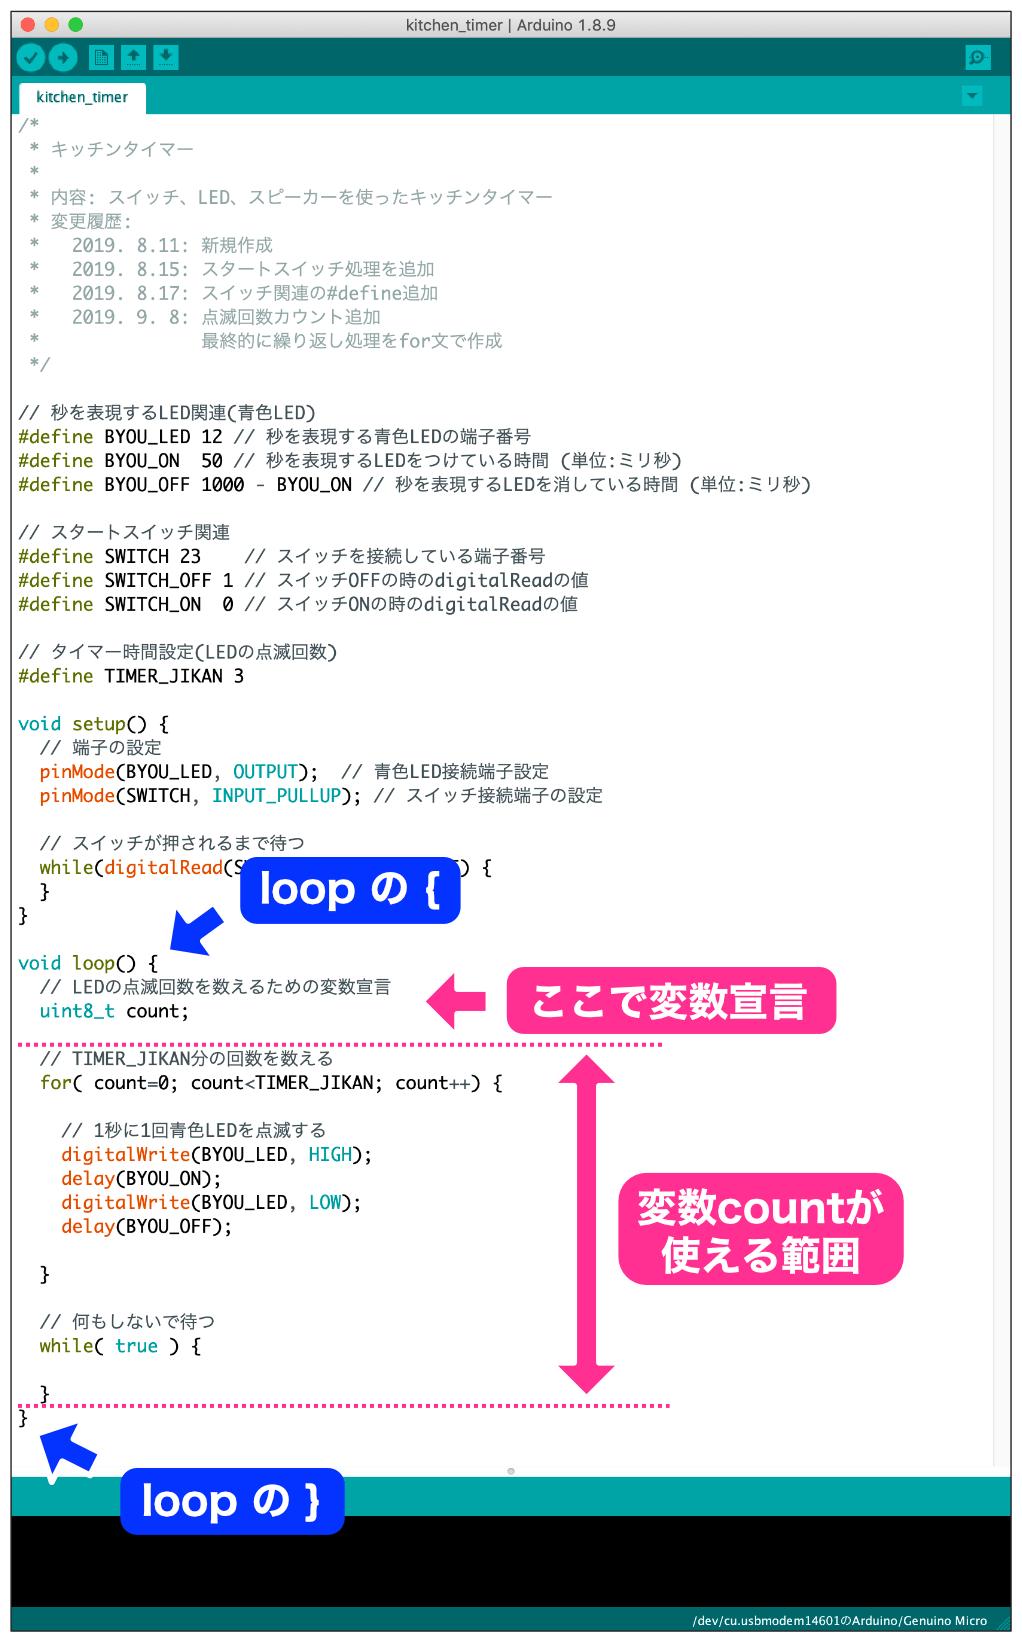 変数countの使用可能範囲